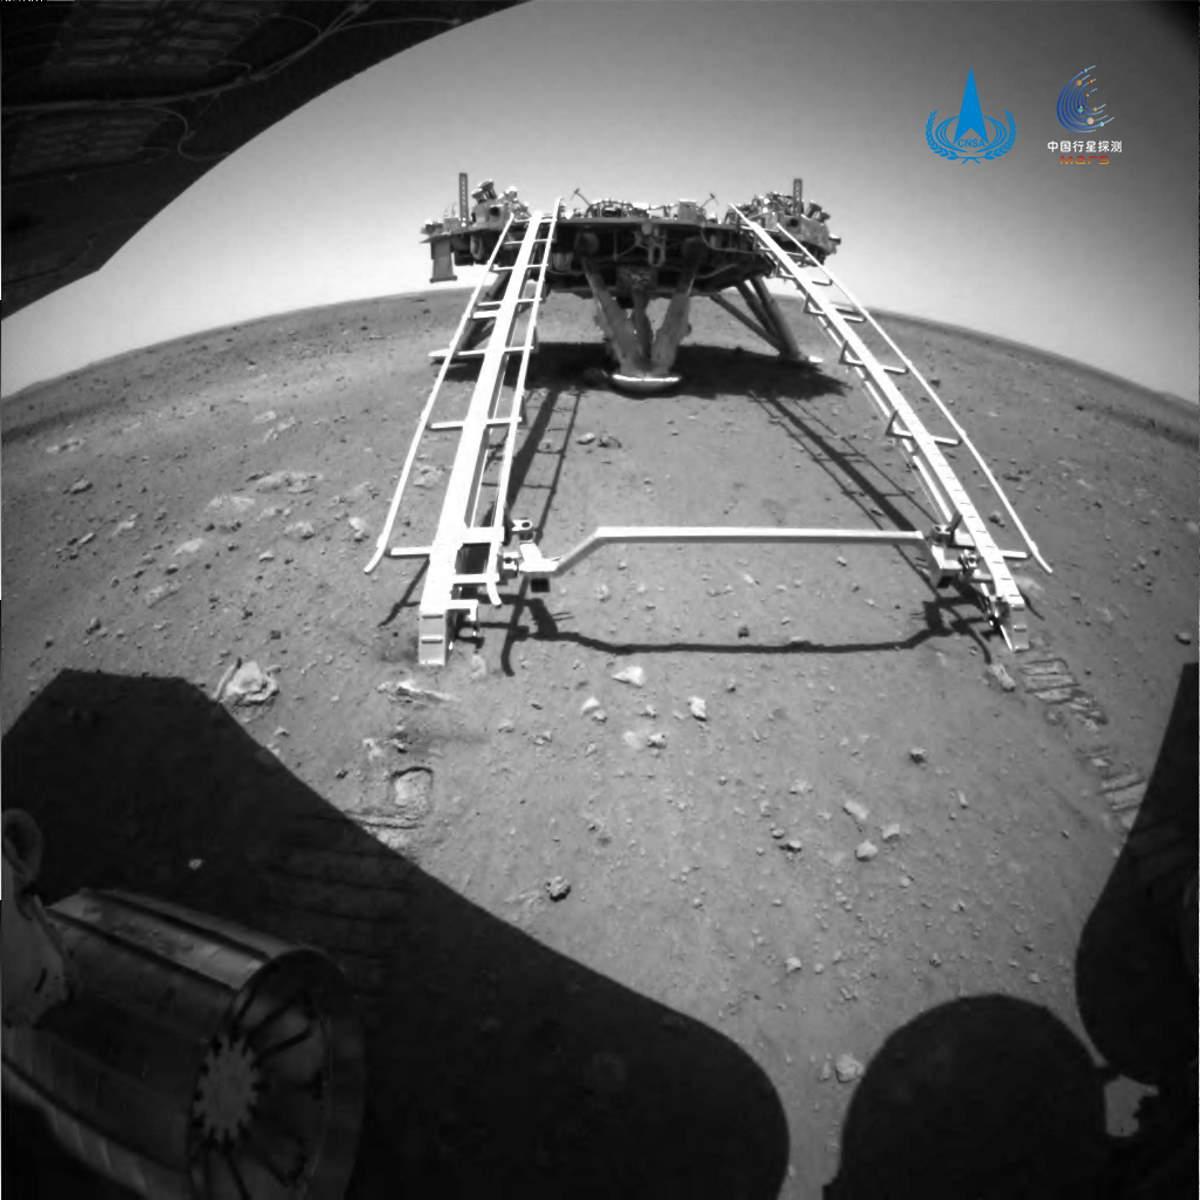 Il rover Zhu Rong ha abbandonato la piattaforma di atterraggio ed ha iniziato l'esplorazione del pianeta Marte